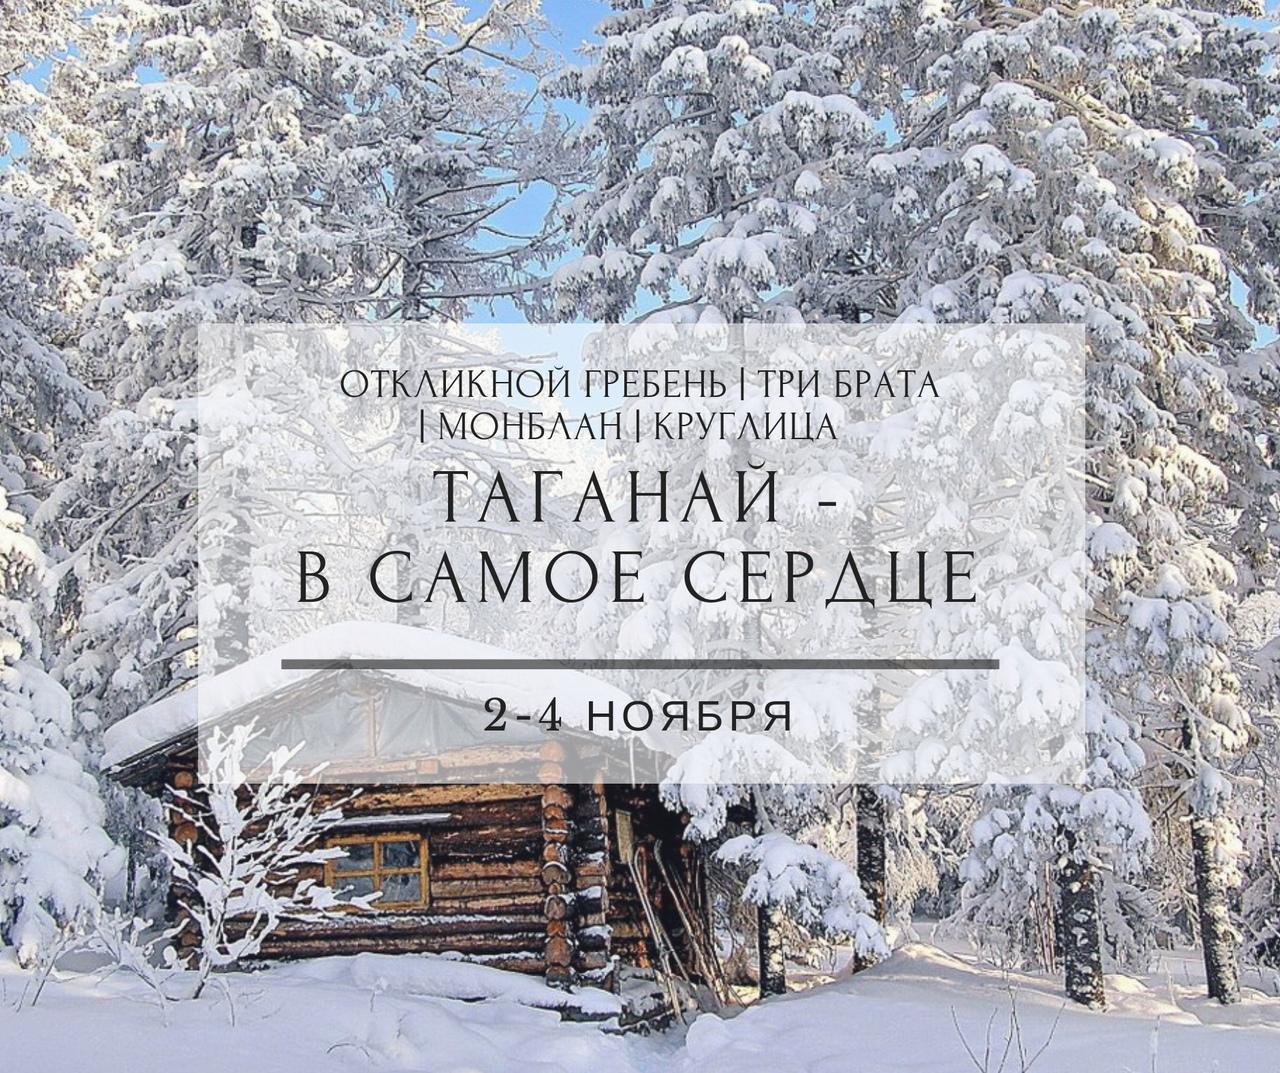 Афиша Тюмень ТАГАНАЙ - В САМОЕ СЕРДЦЕ / 2-4 НОЯБРЯ